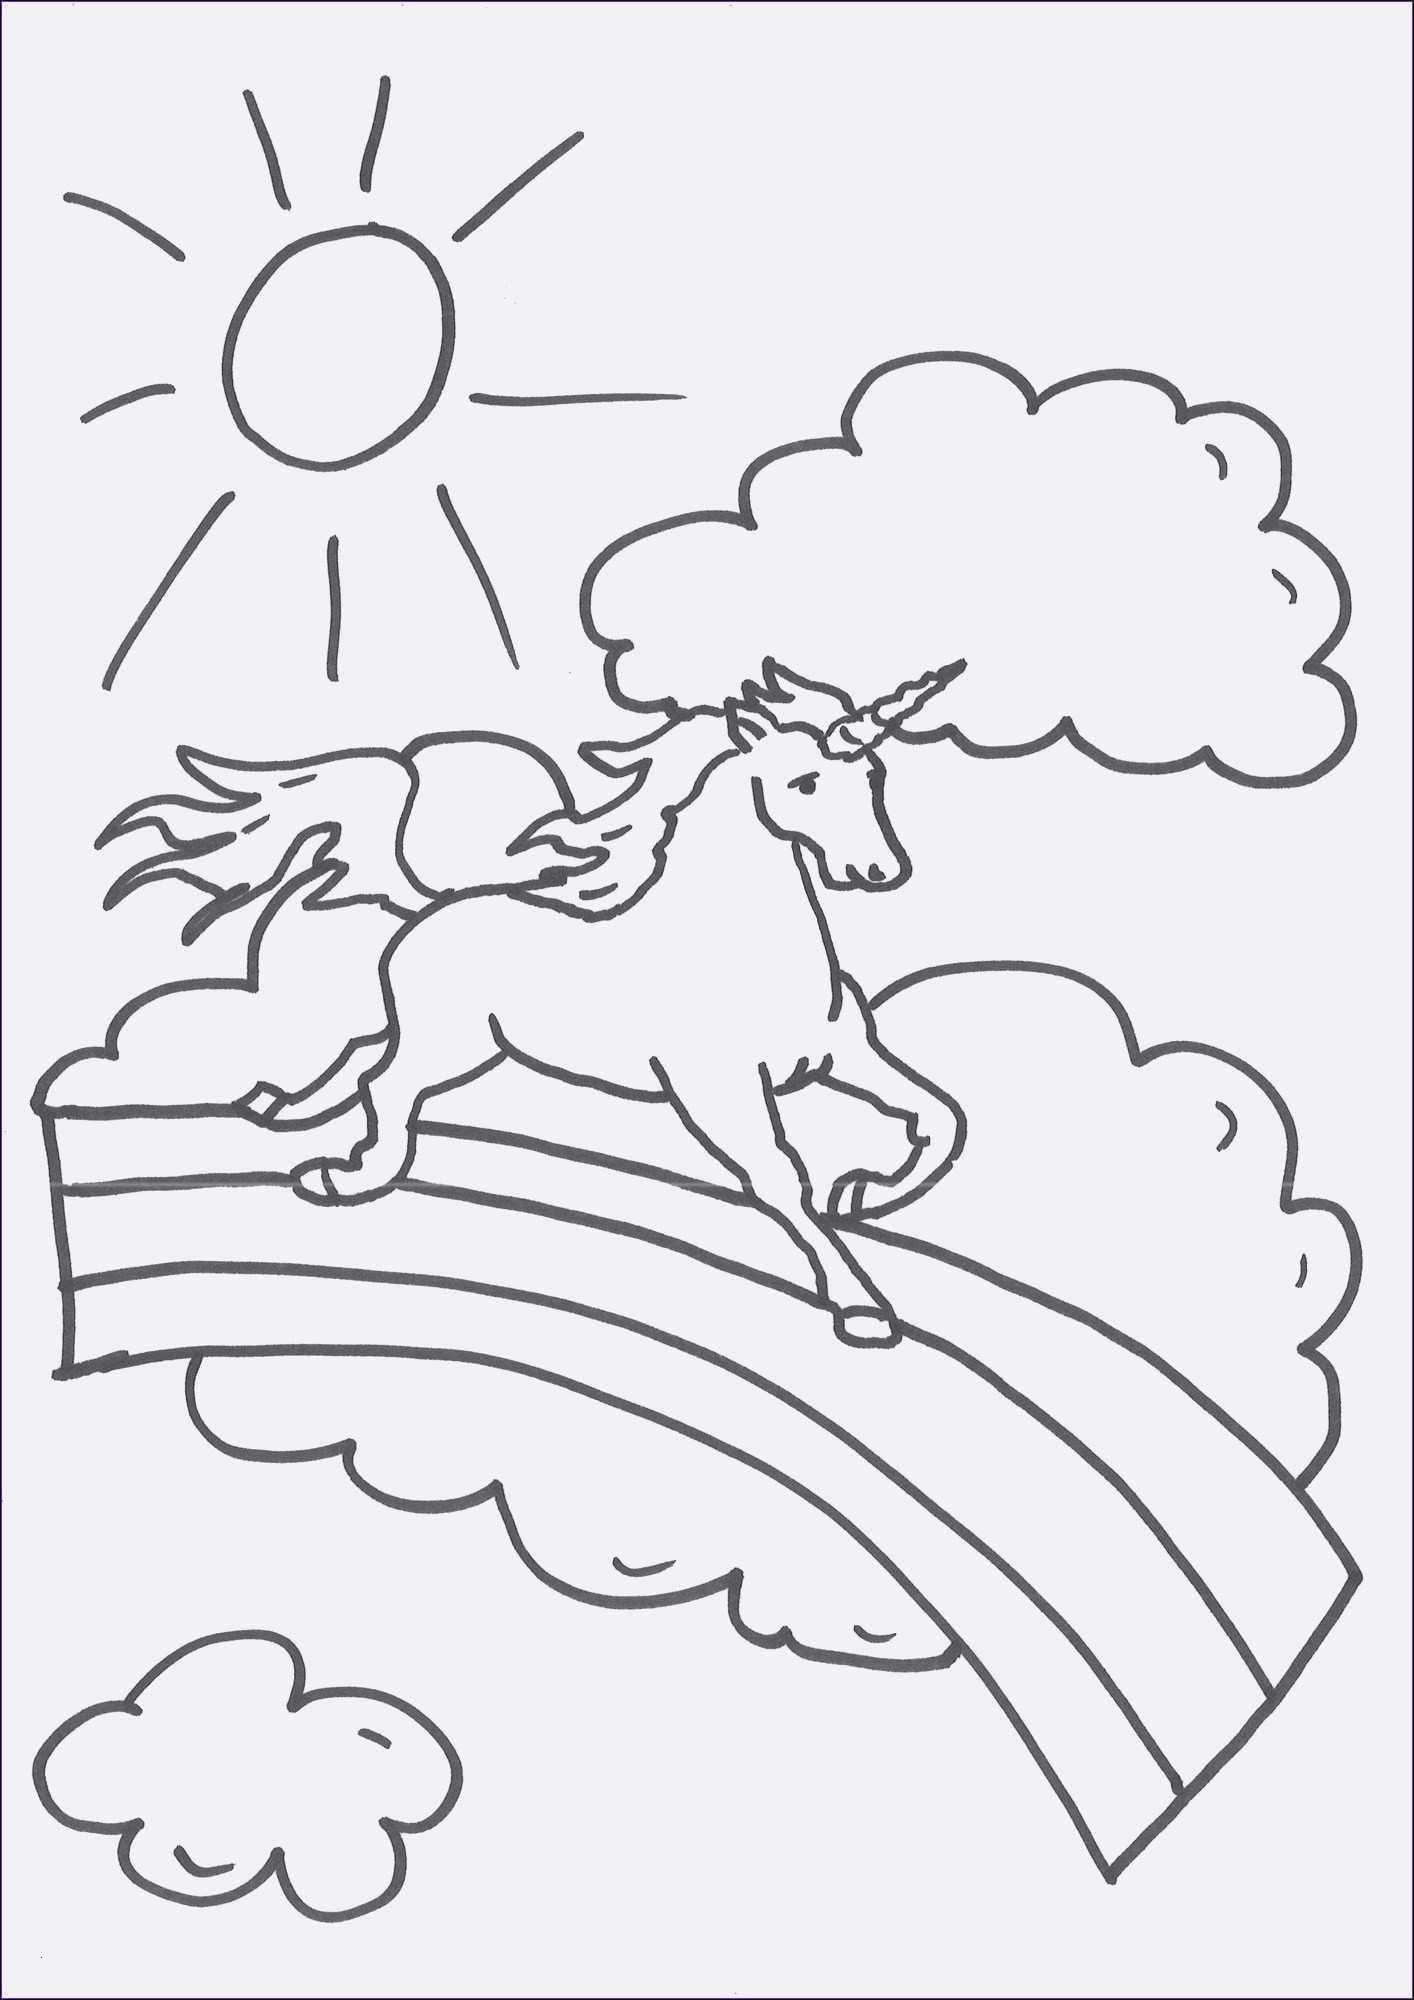 Ausmalbilder Little Pony Frisch My Little Pony Bilder Zum Ausmalen Bild – Ausmalbilder Ideen Fotografieren